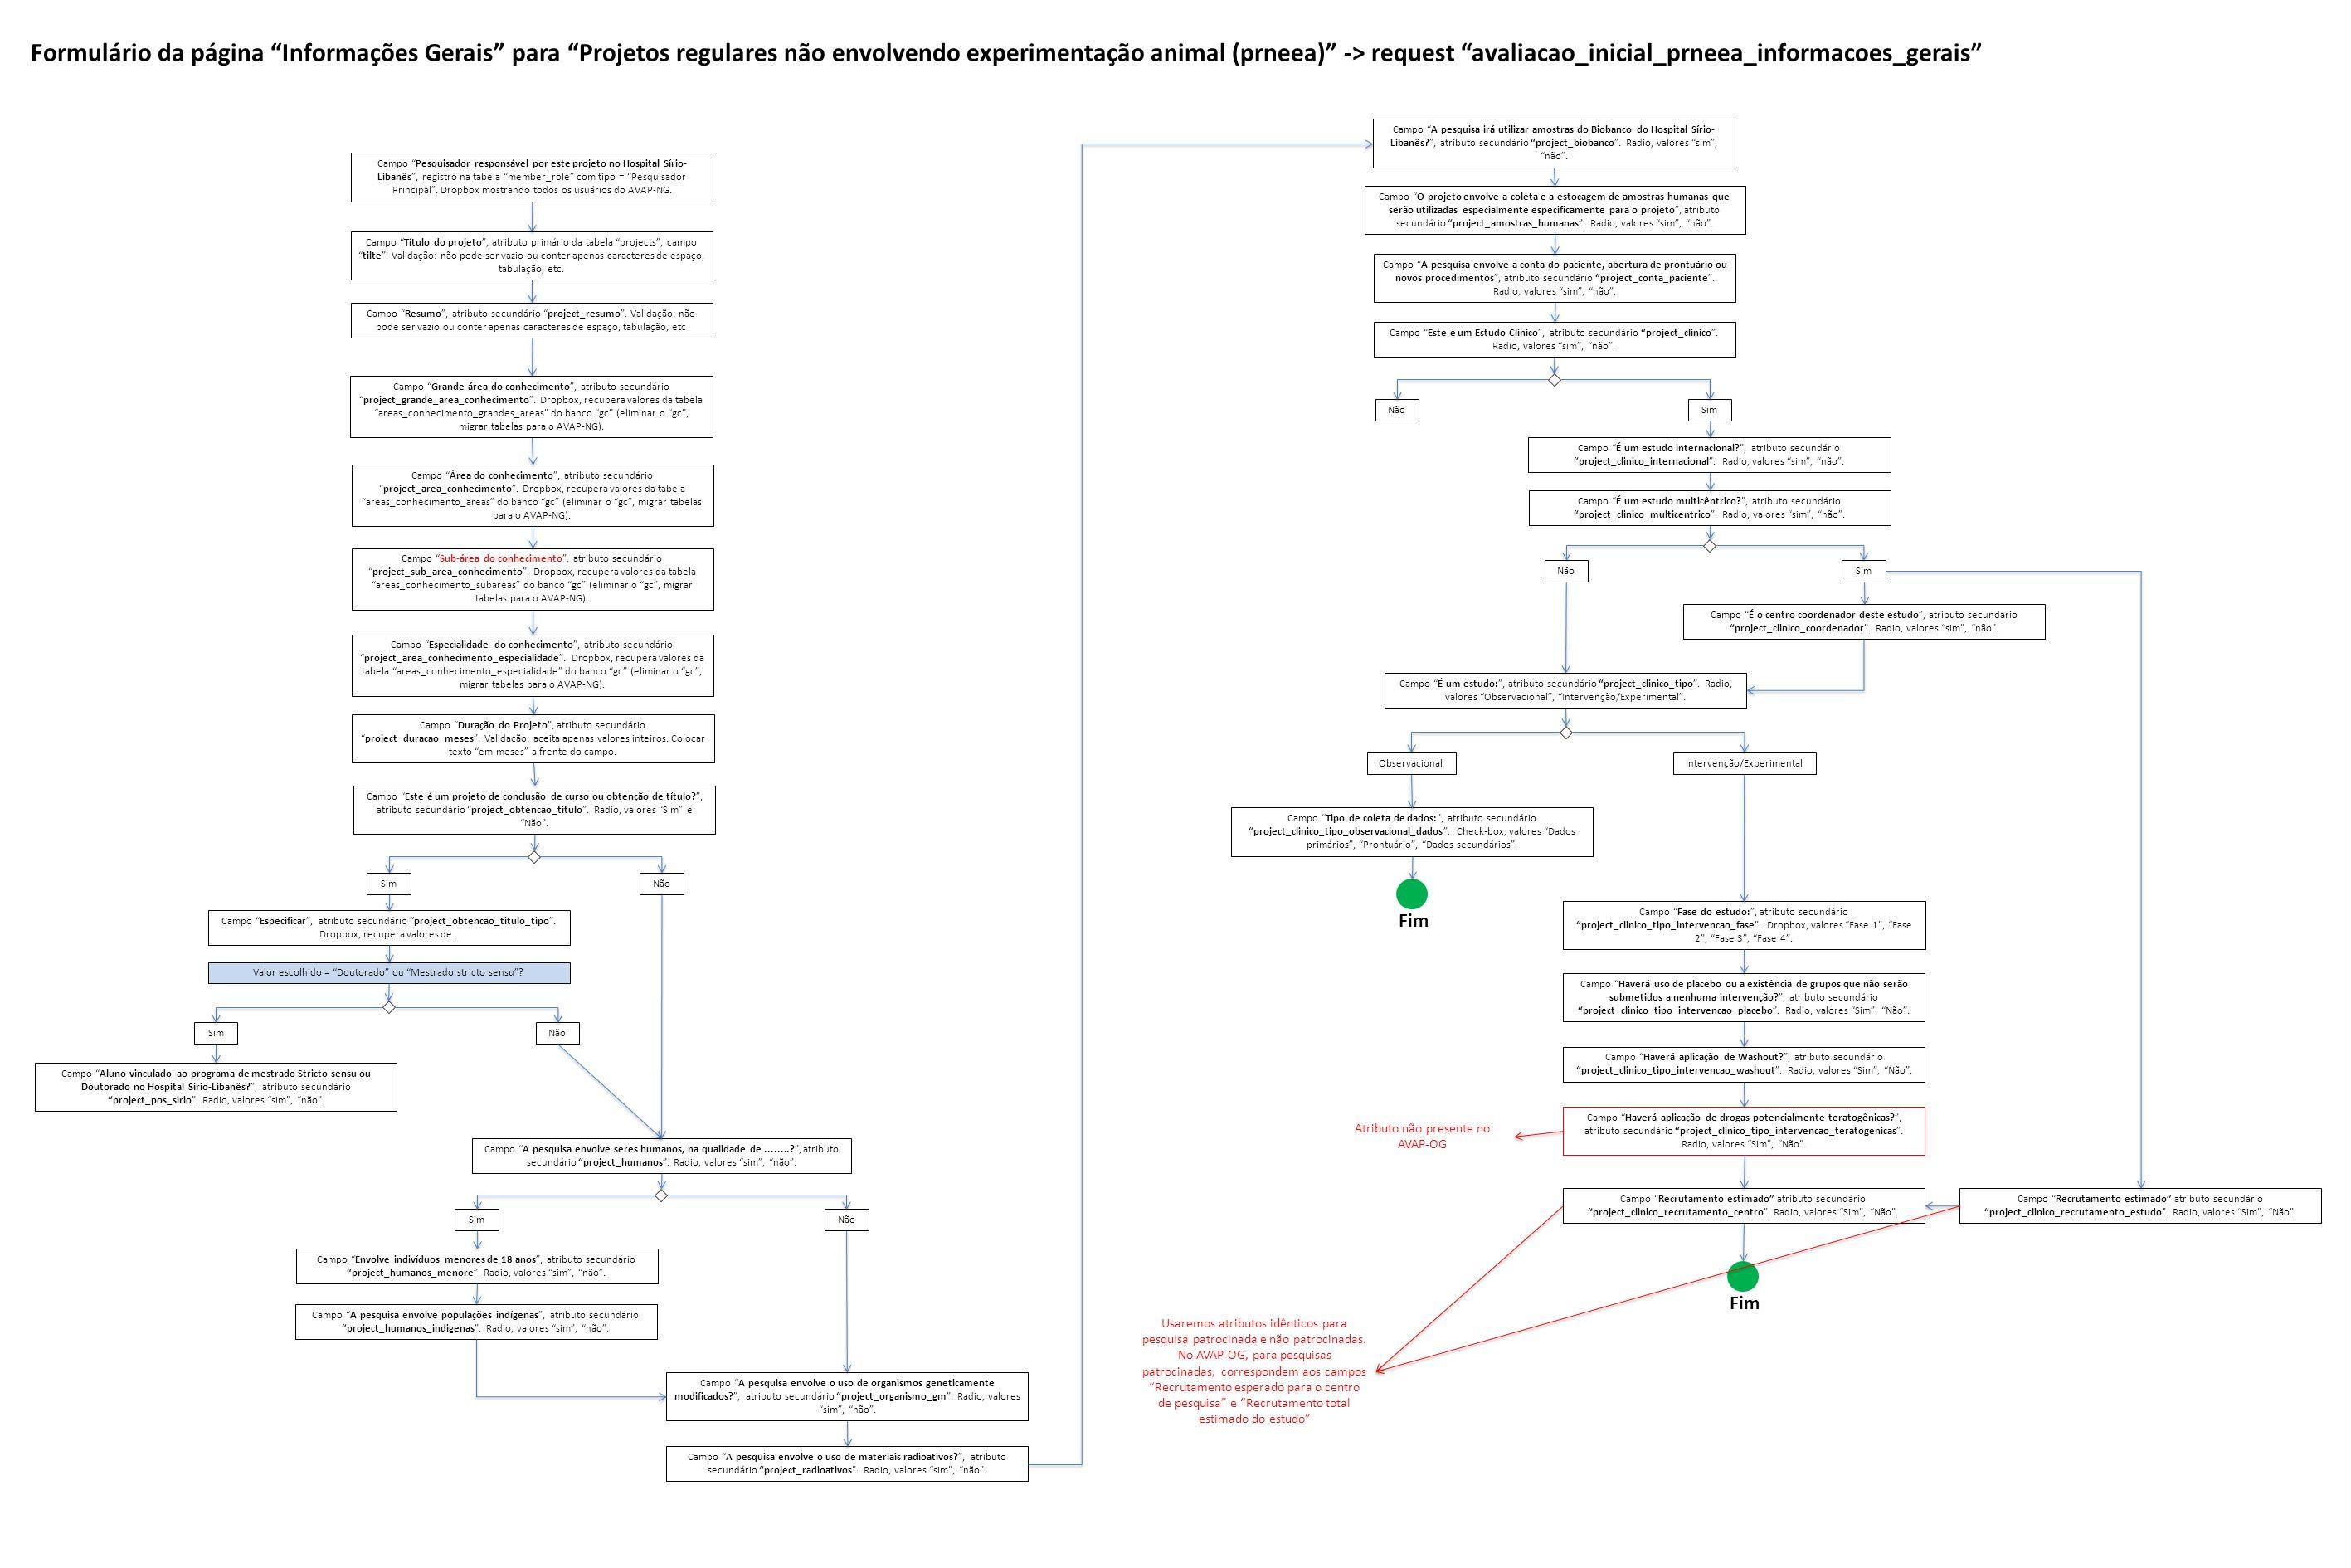 Formulário da página Informações Gerais para Projetos regulares não envolvendo experimentação animal (prneea) -> request avaliacao_inicial_prneea_informacoes_gerais